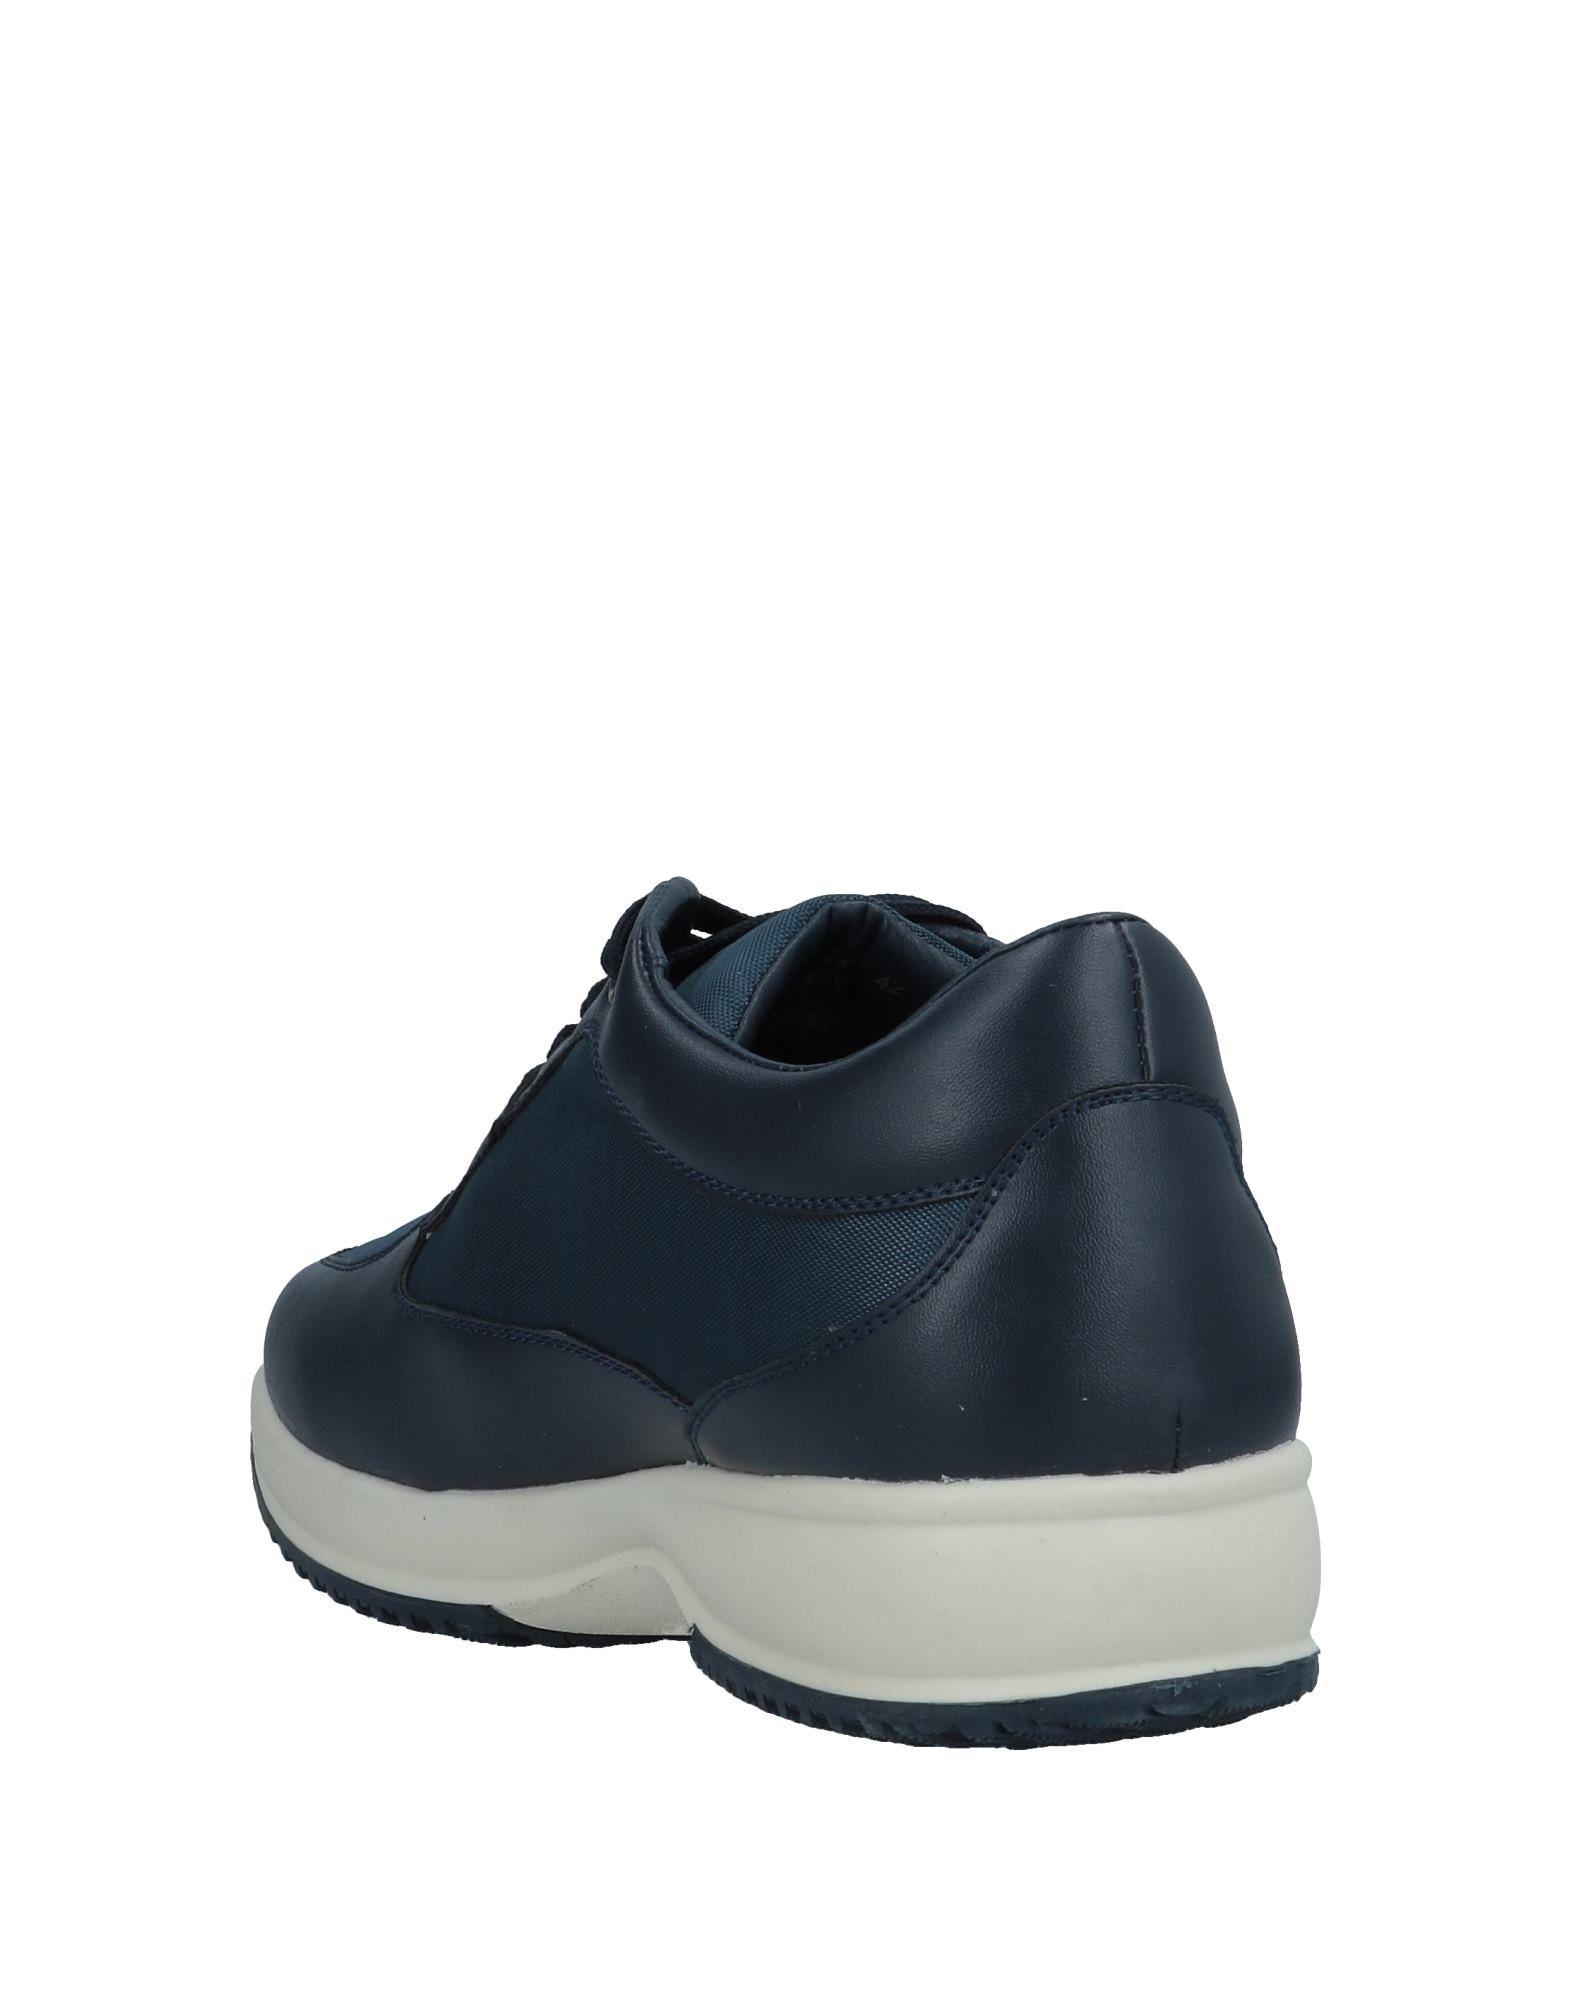 Rabatt echte  Schuhe Avirex Sneakers Herren  echte 11546985DX 28eac4